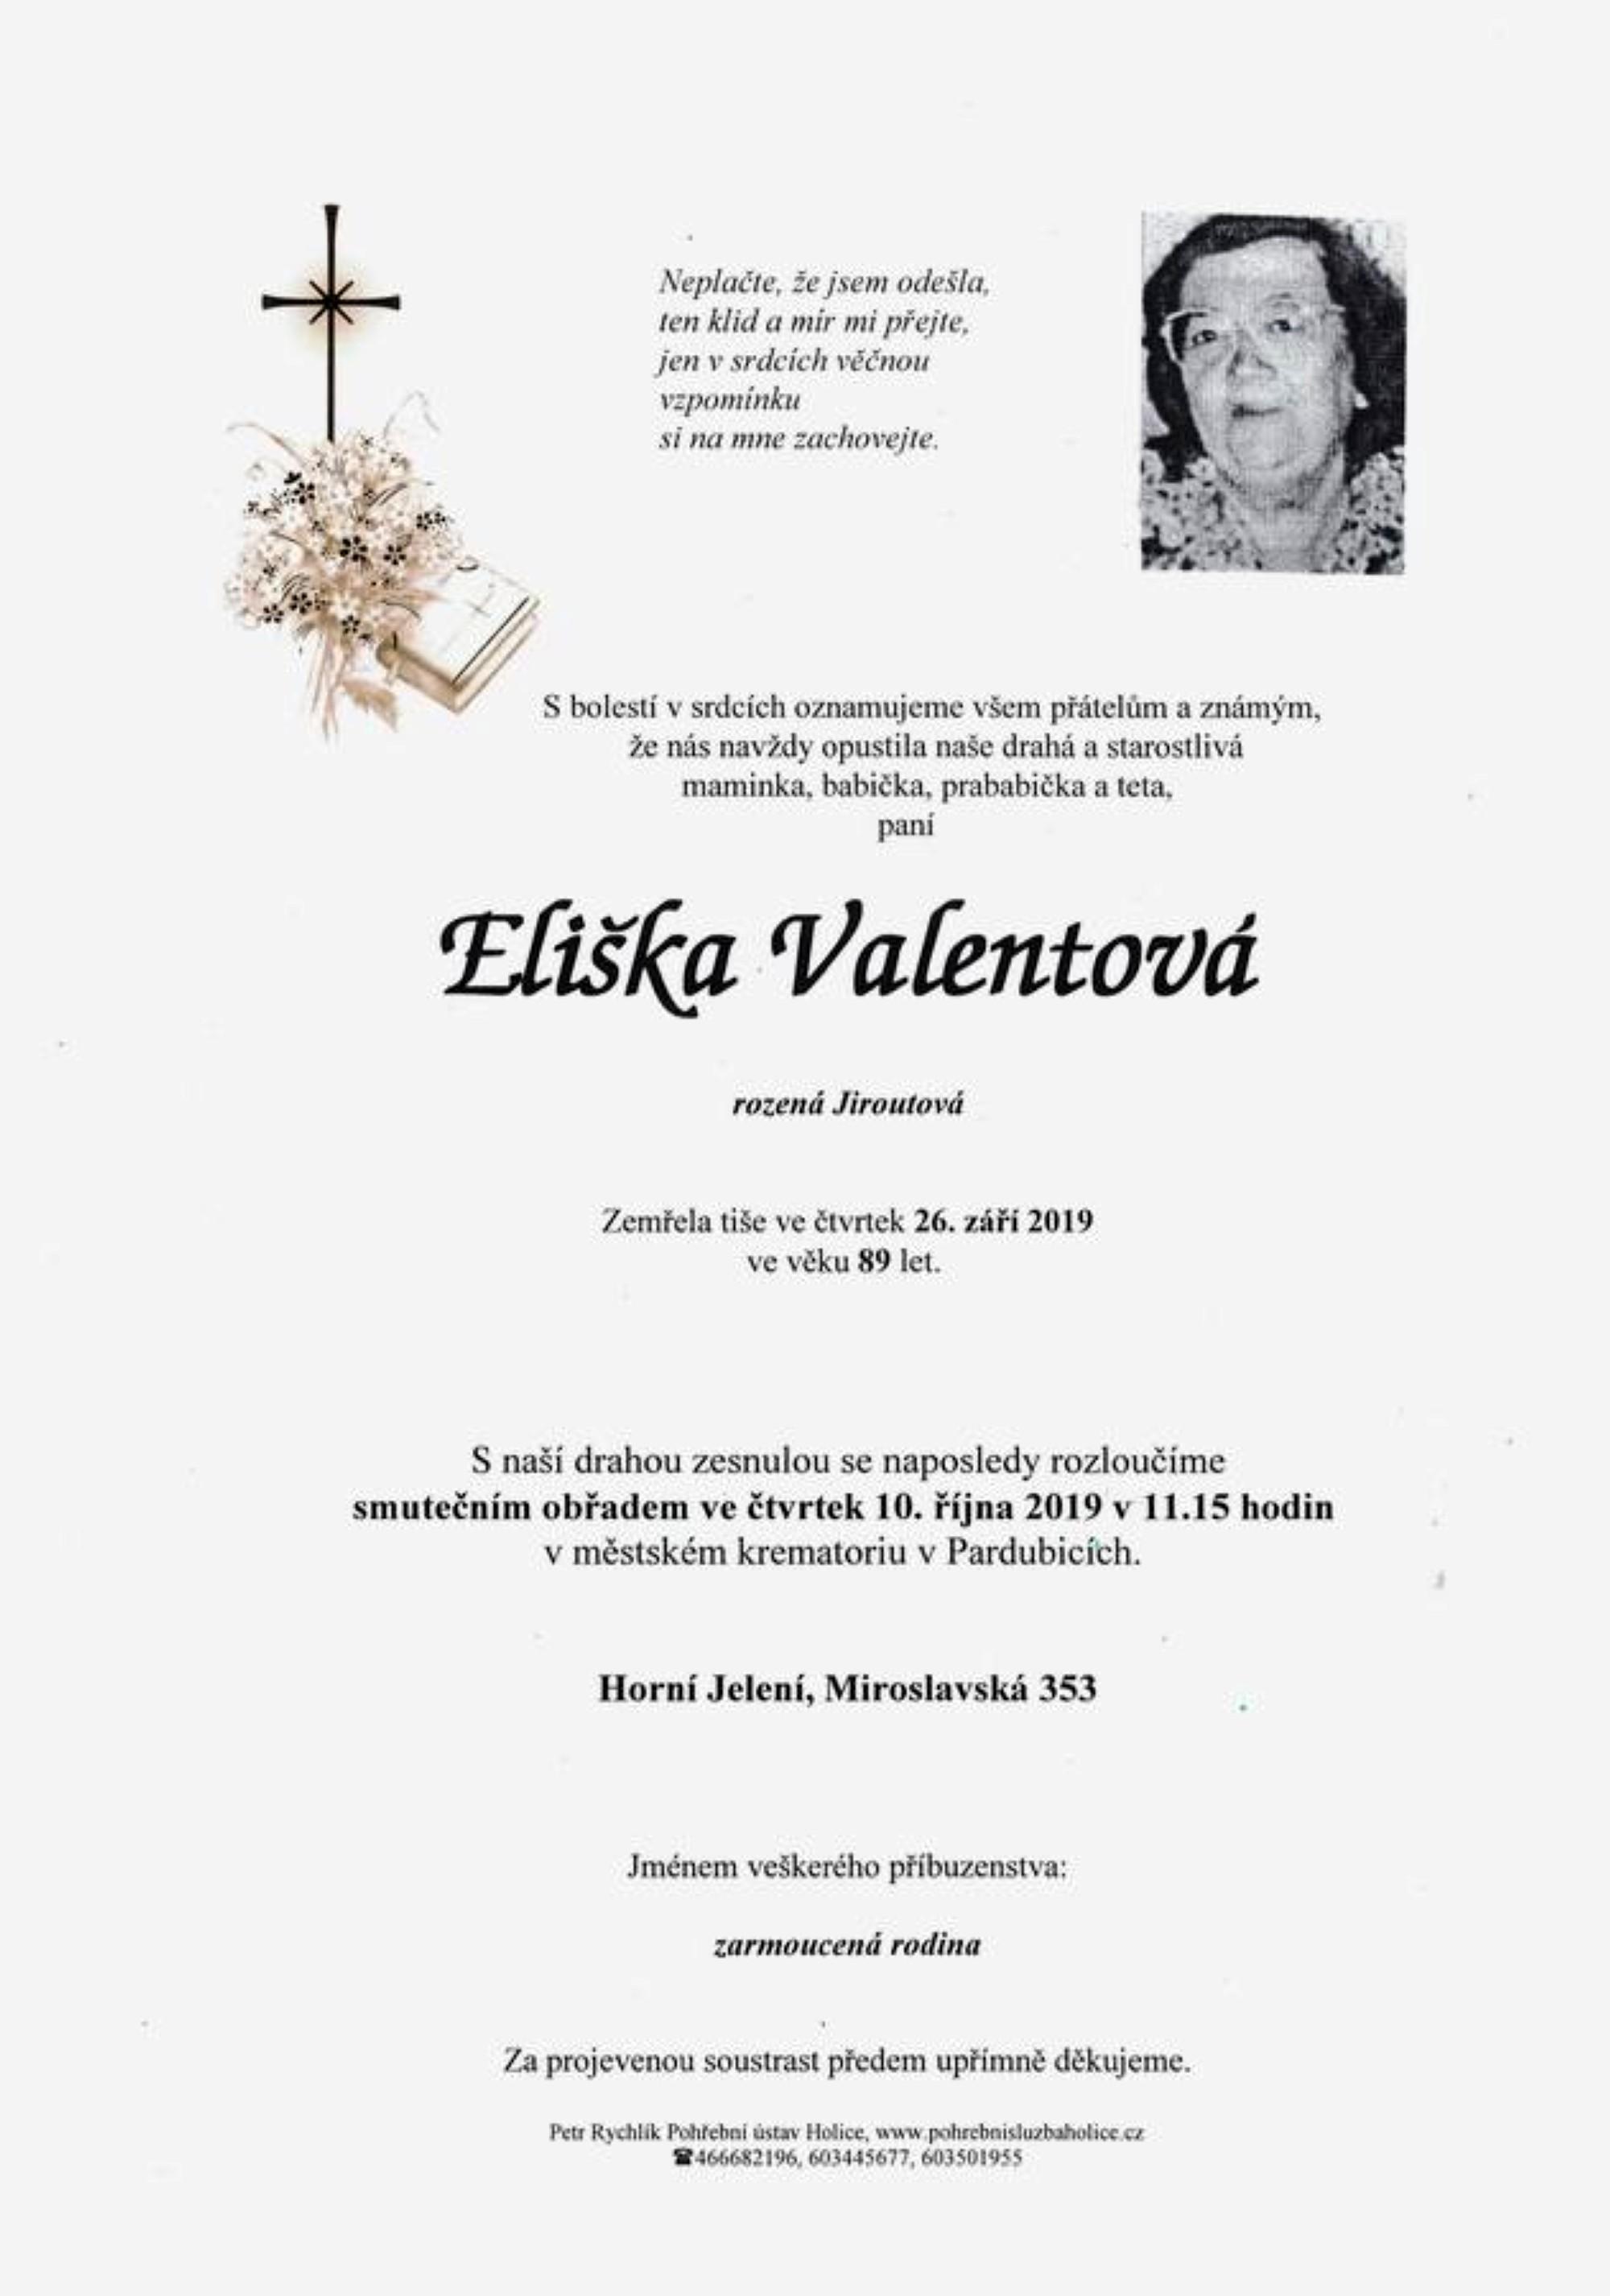 Eliška Valentová